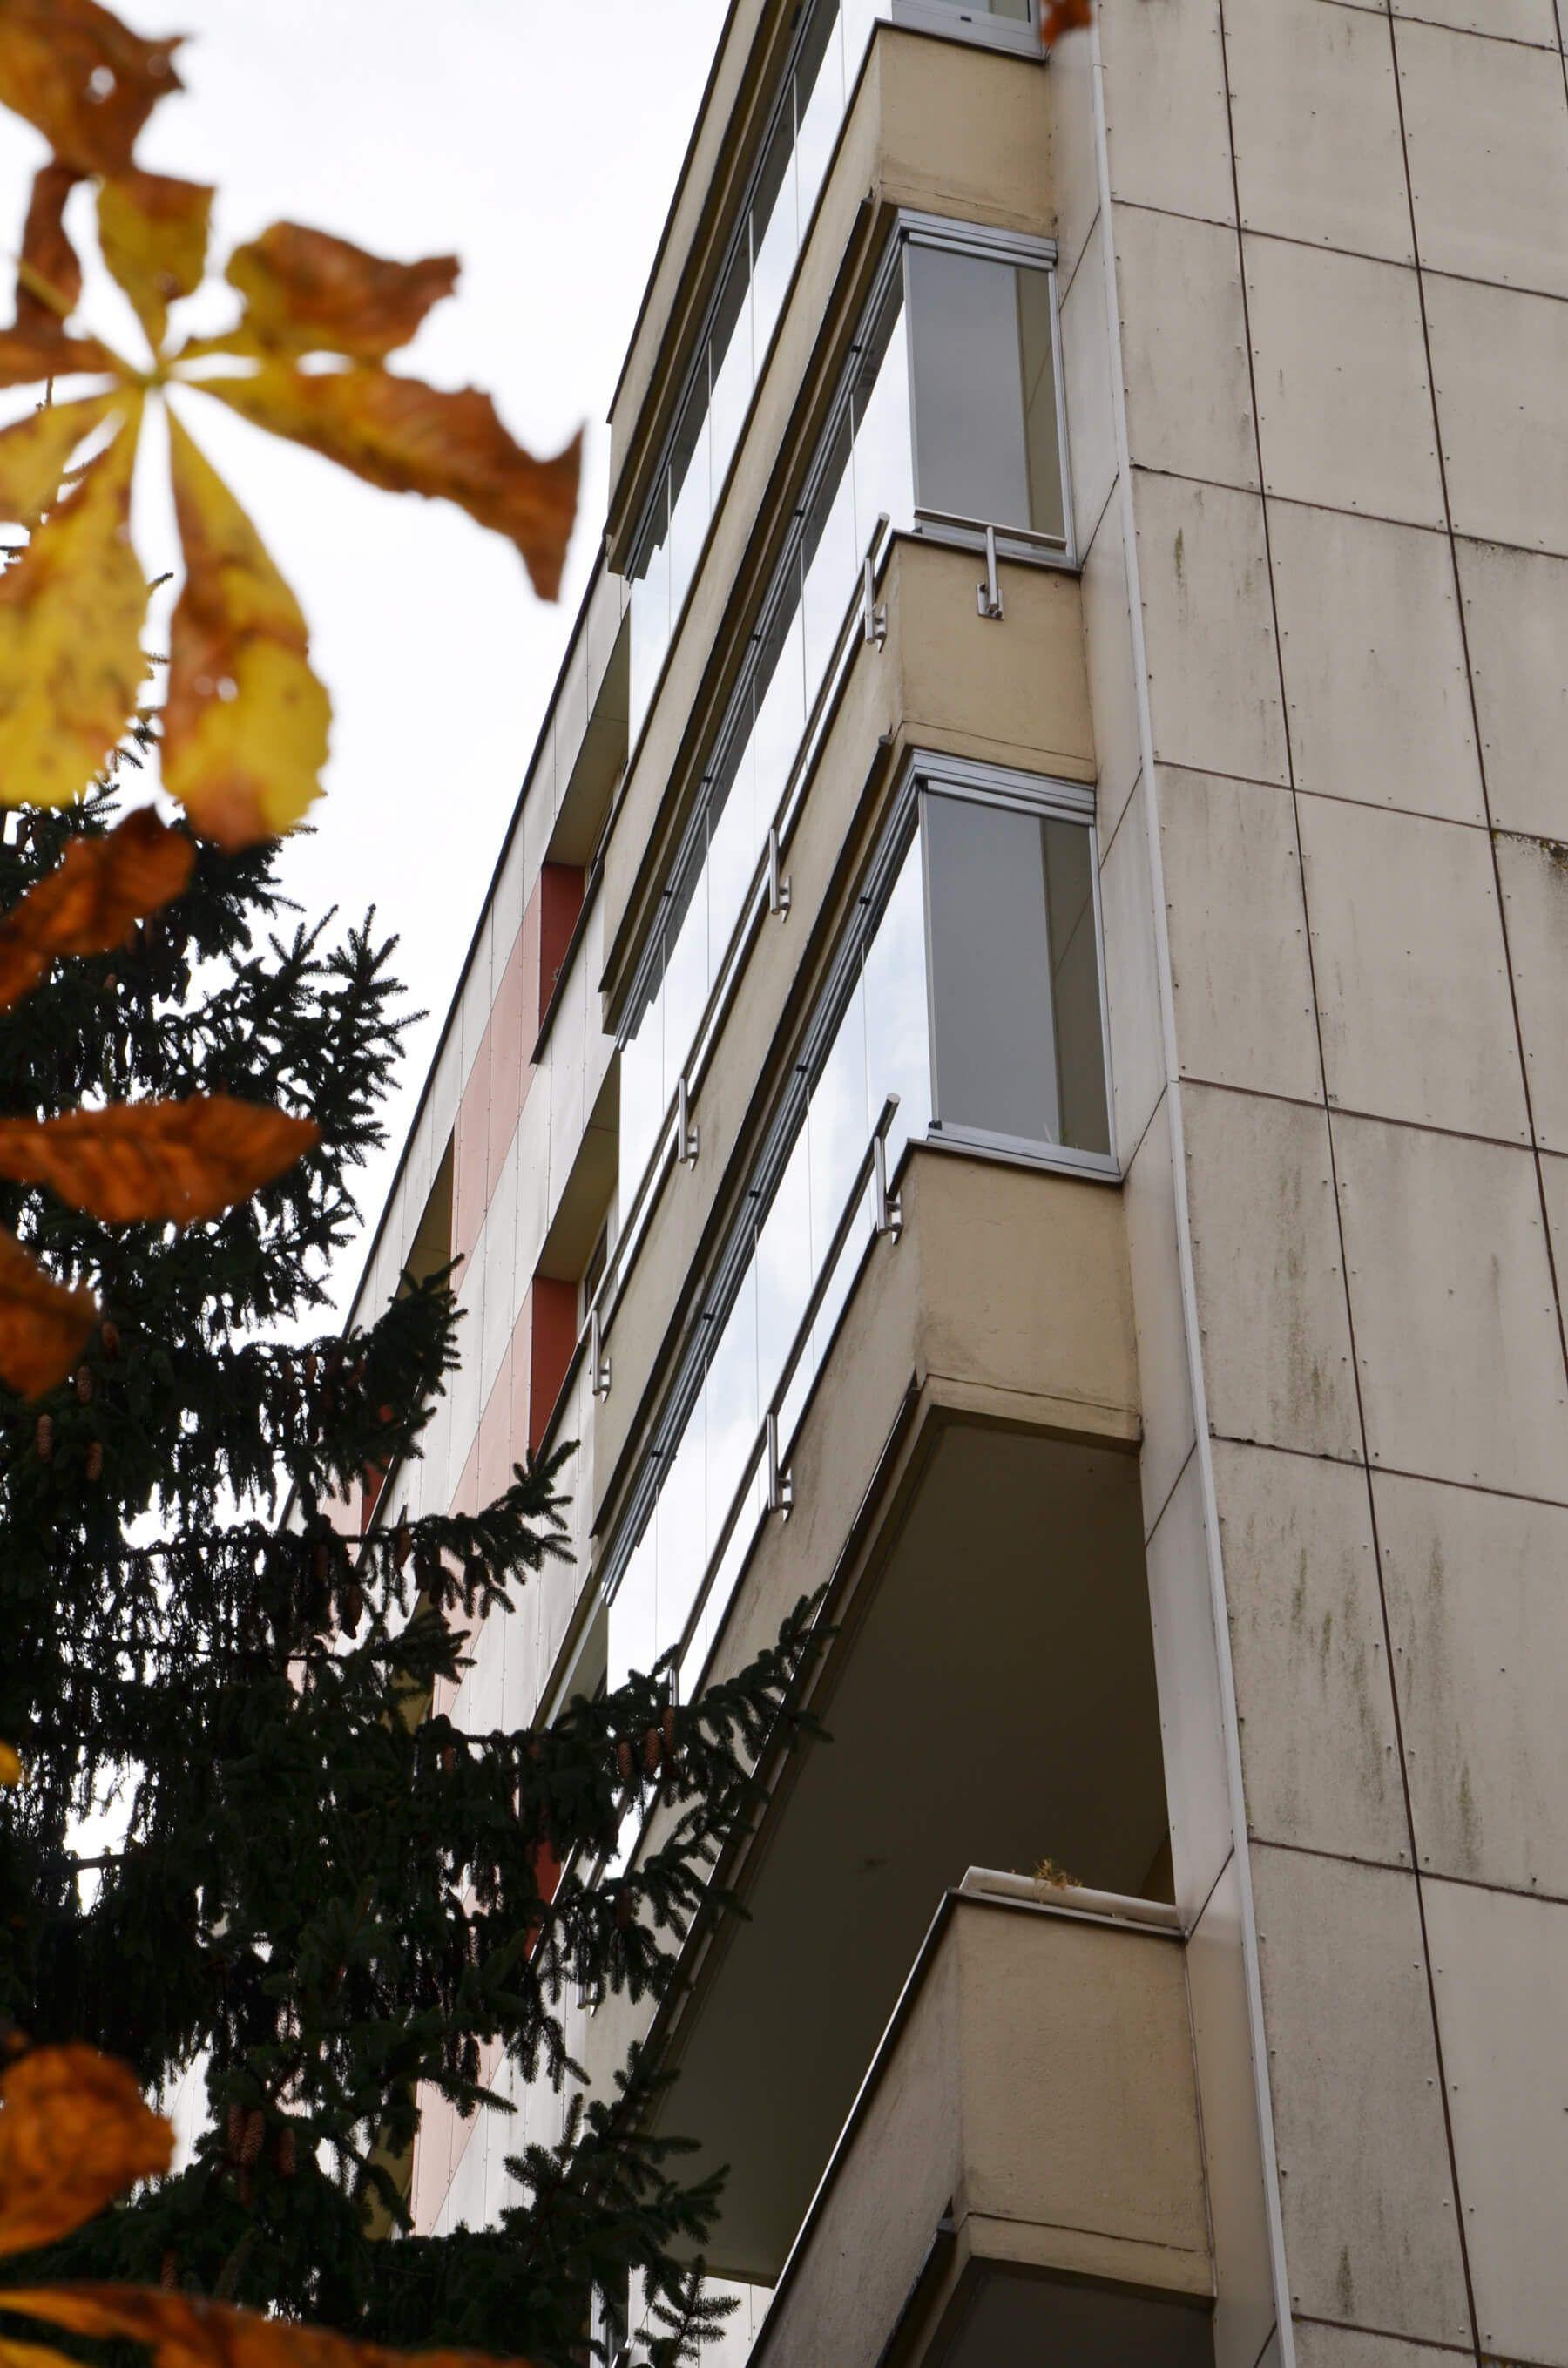 Balkon Windschutz Mit Seitlichem Glas Windschutz Balkon